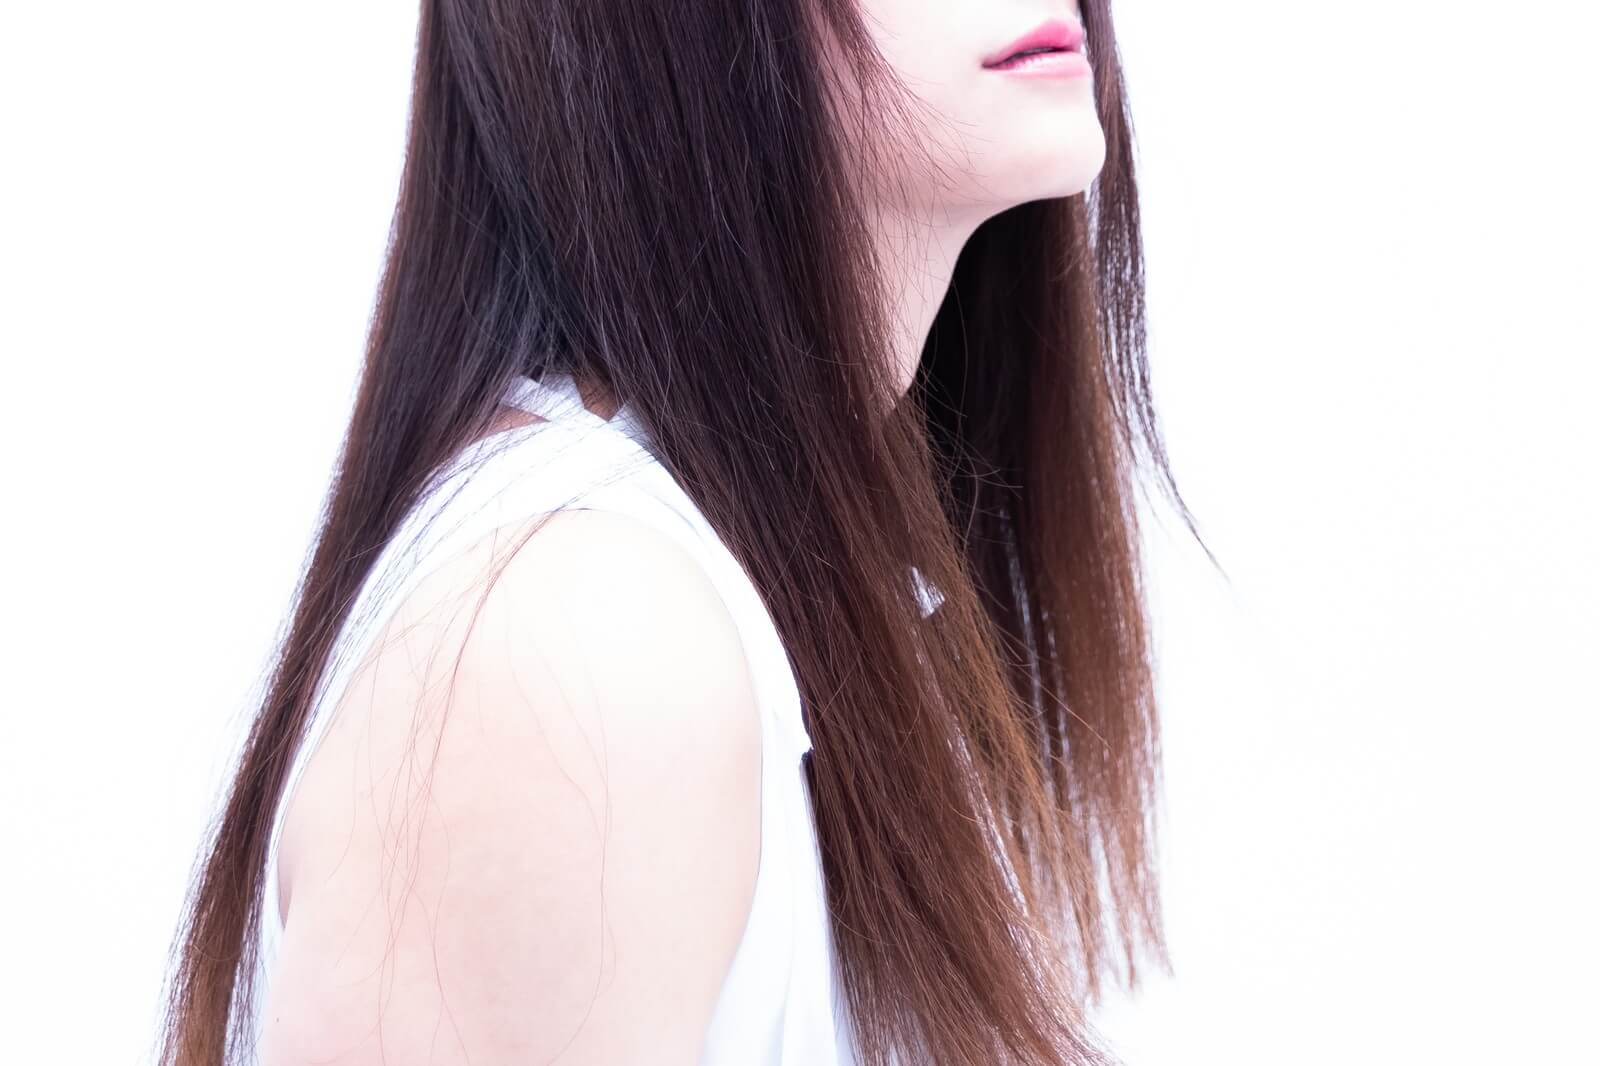 医療用ウィッグを作るために必要な髪の長さは30cm以上です!